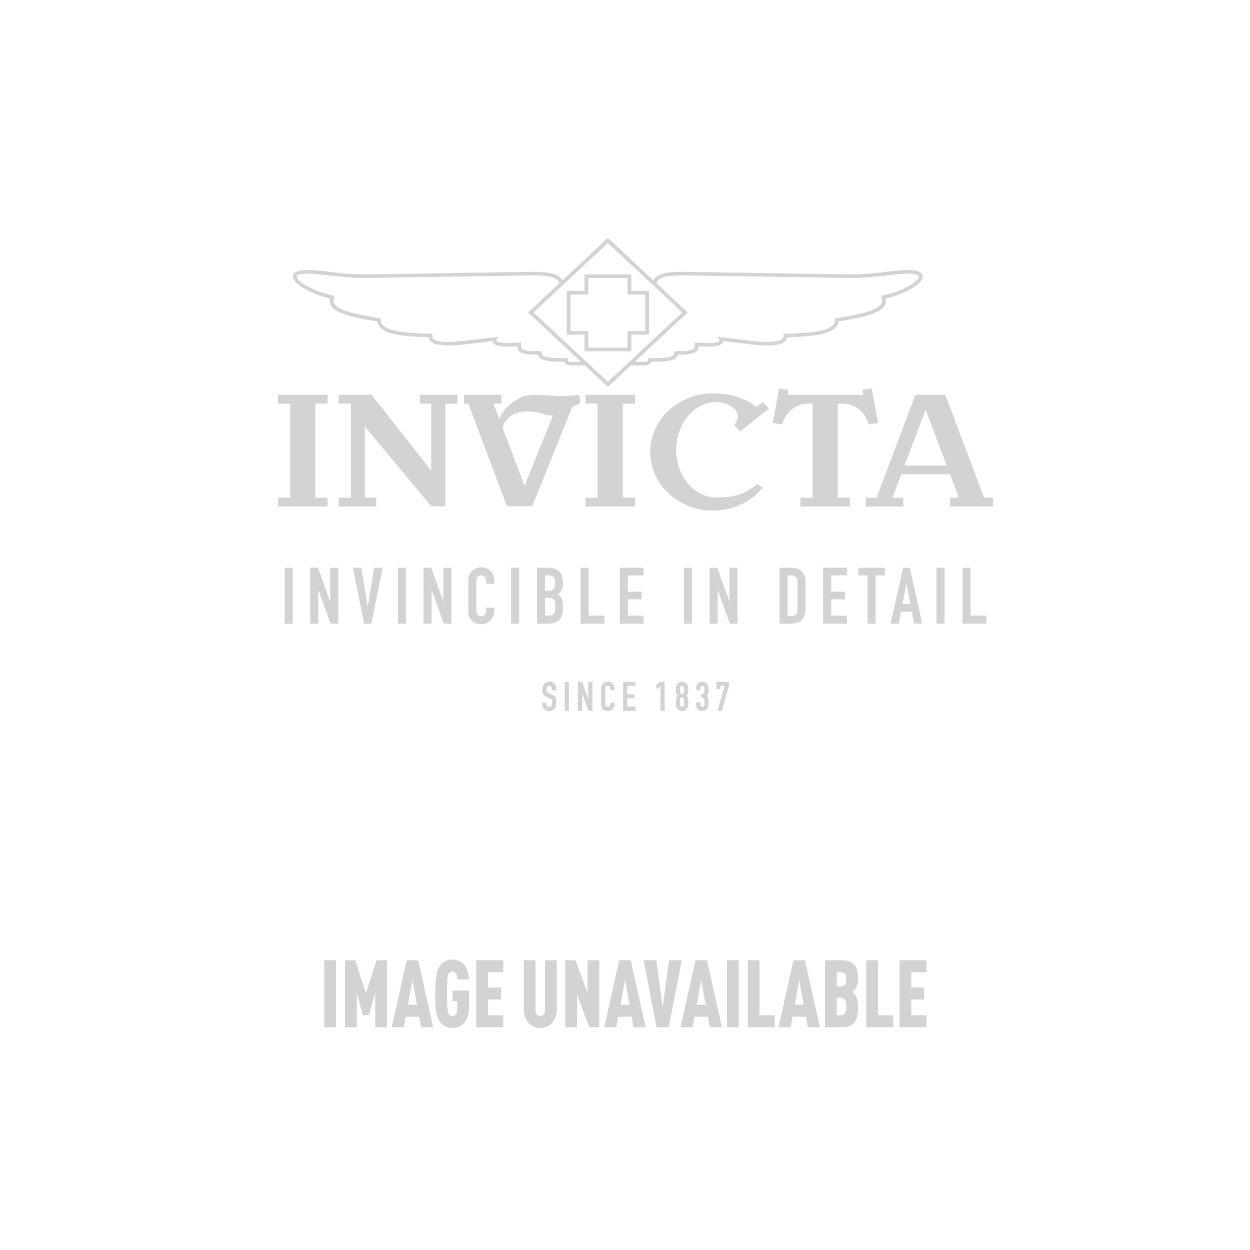 Invicta Model 24630